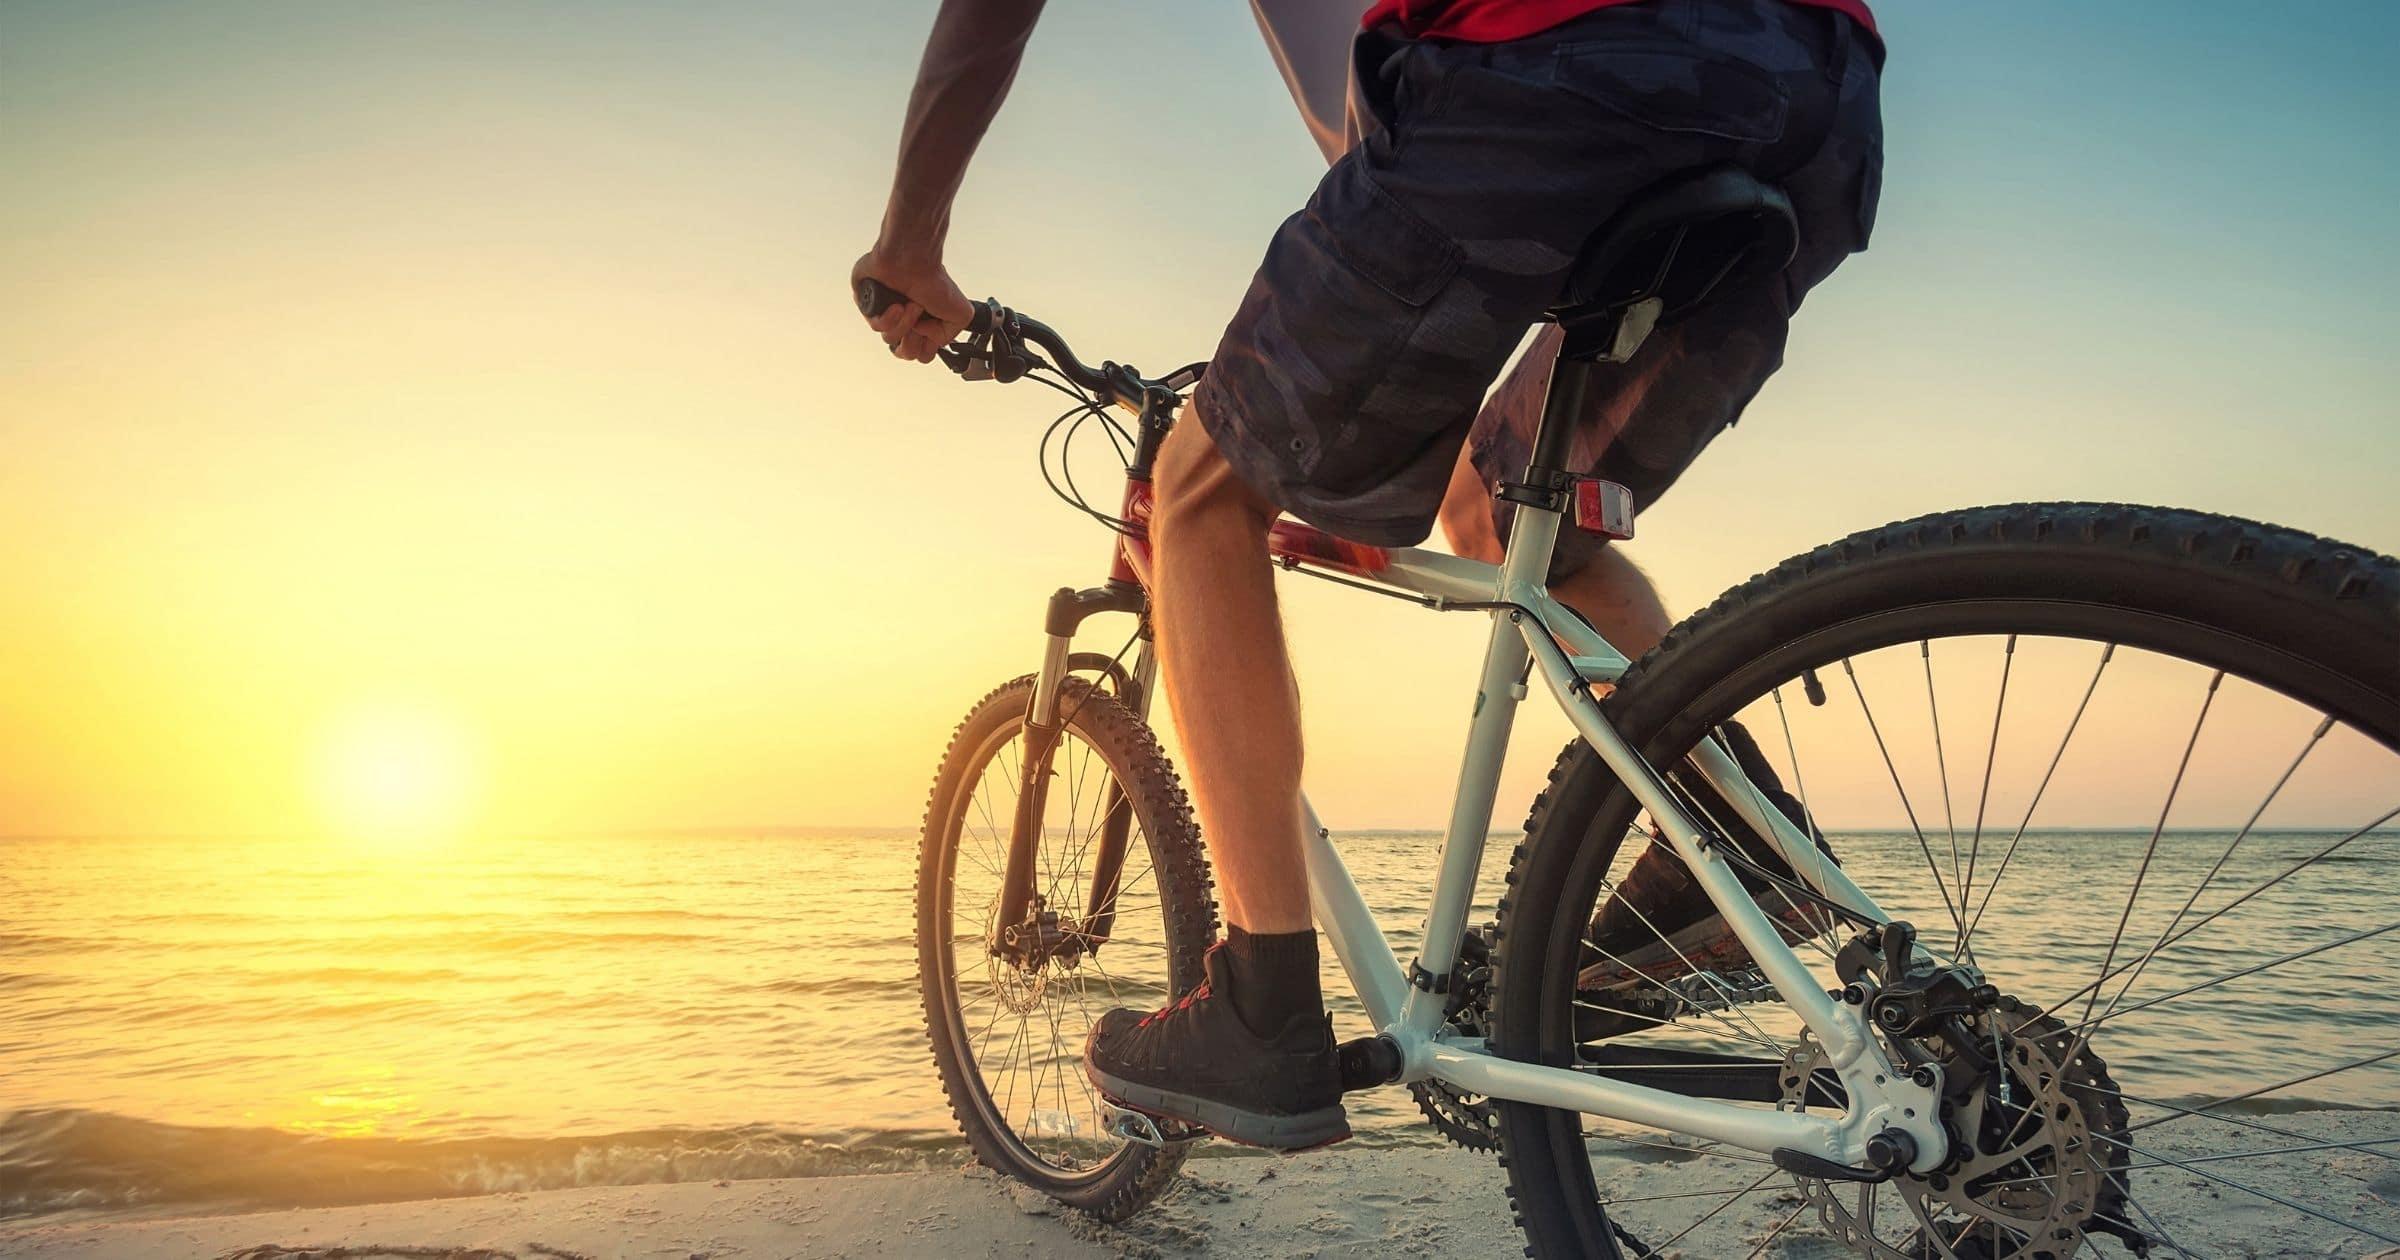 Seguro de Bicicleta: um seguro que vale a pena para quem gosta de pedalar!